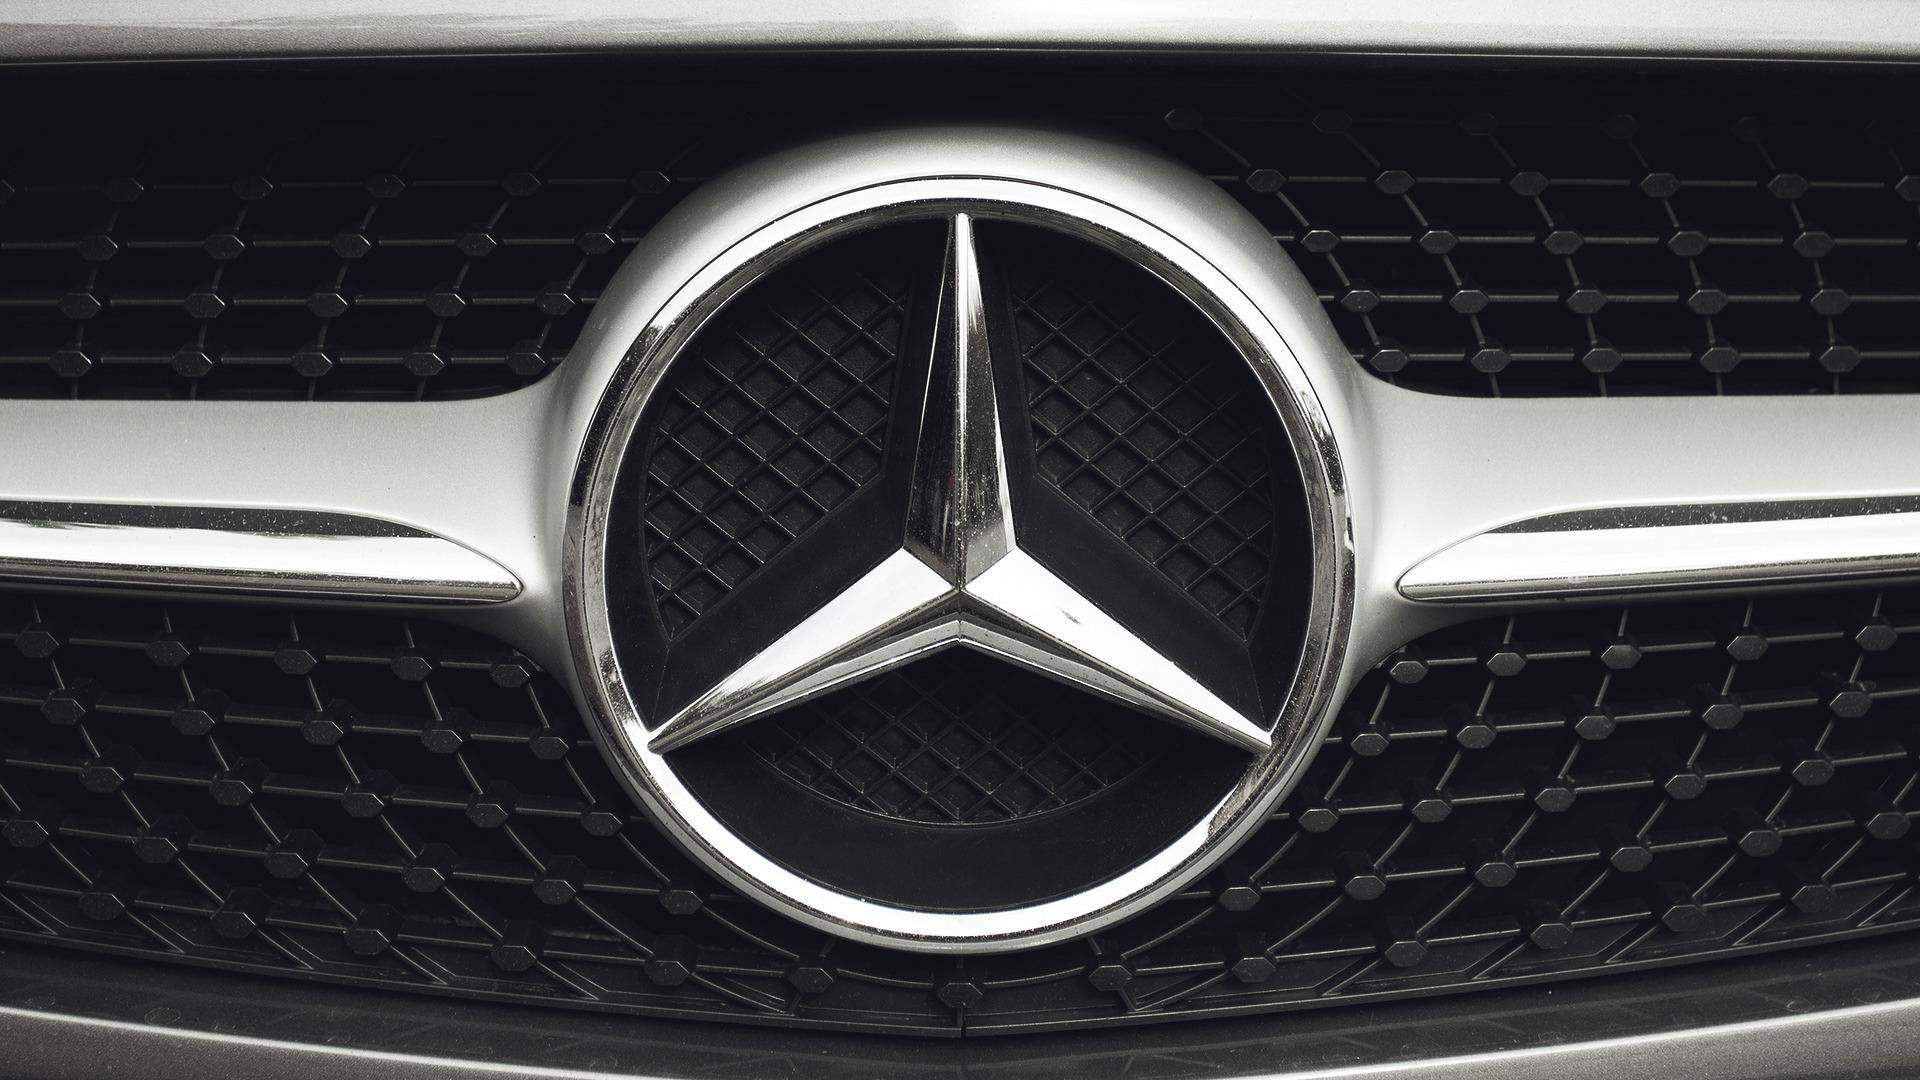 Mercedes-Benz News and Reviews | Motor1.com